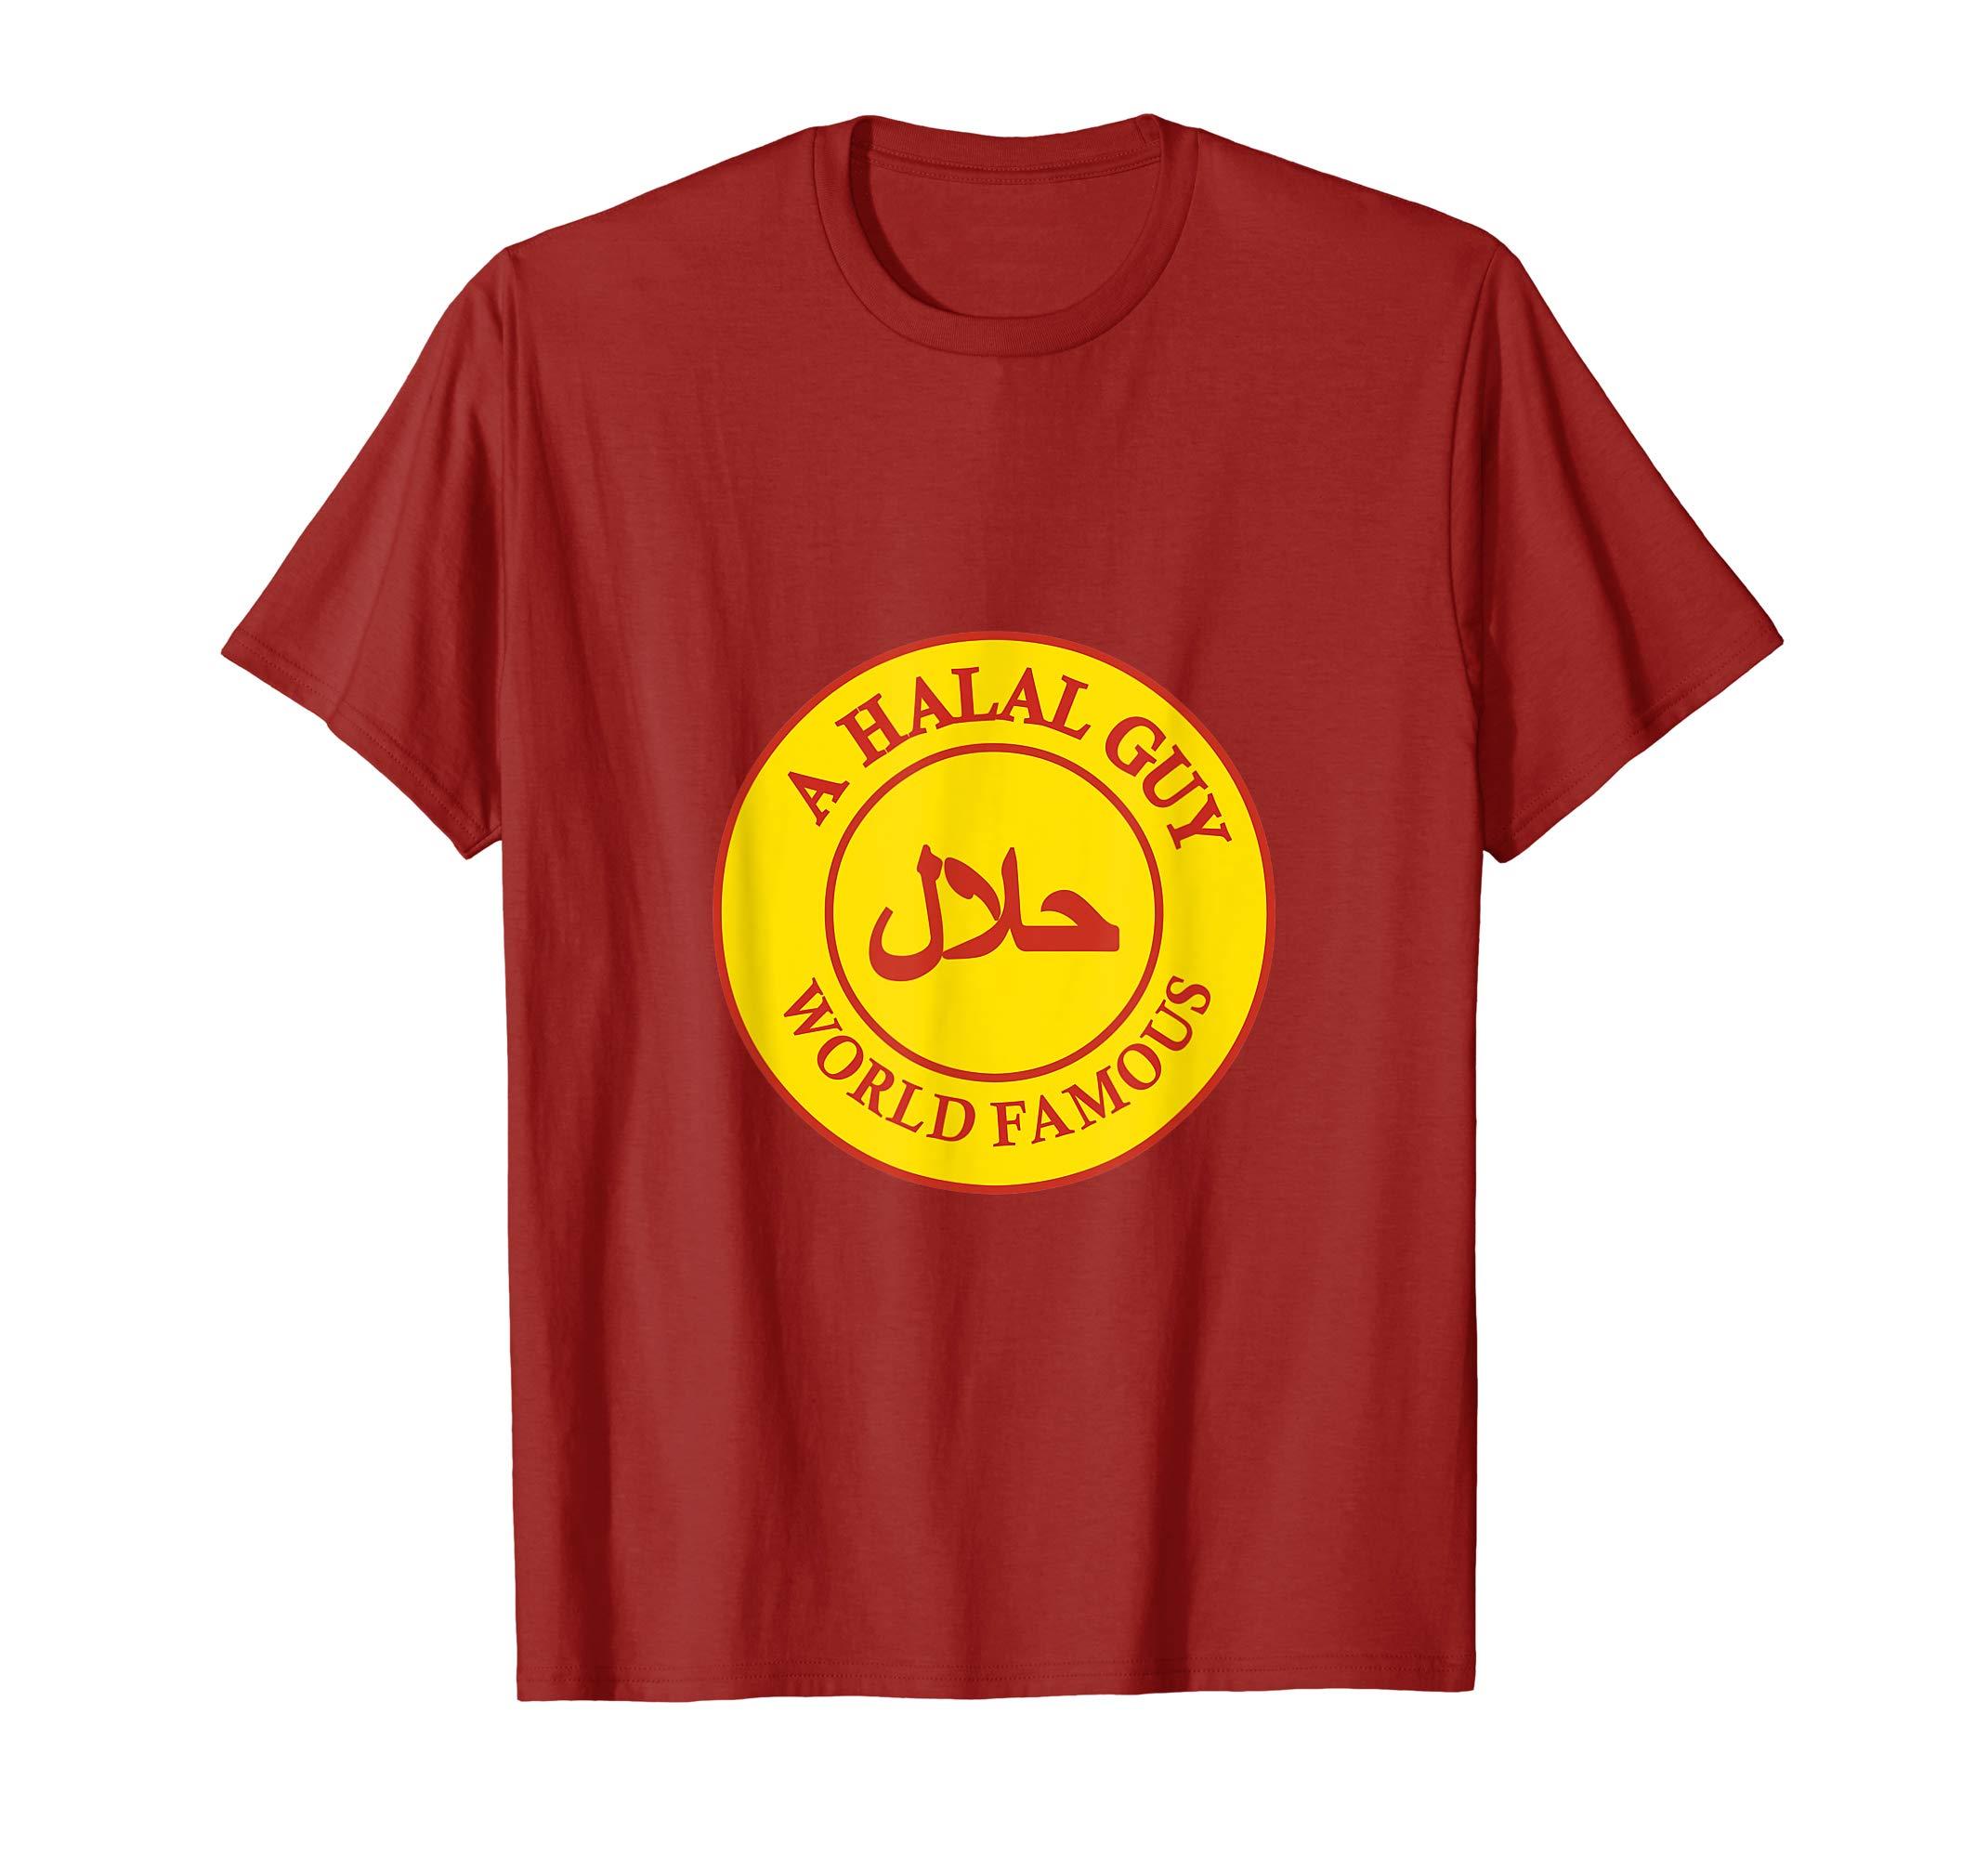 Amazon.com: Mens A Halal Guy Logo T.